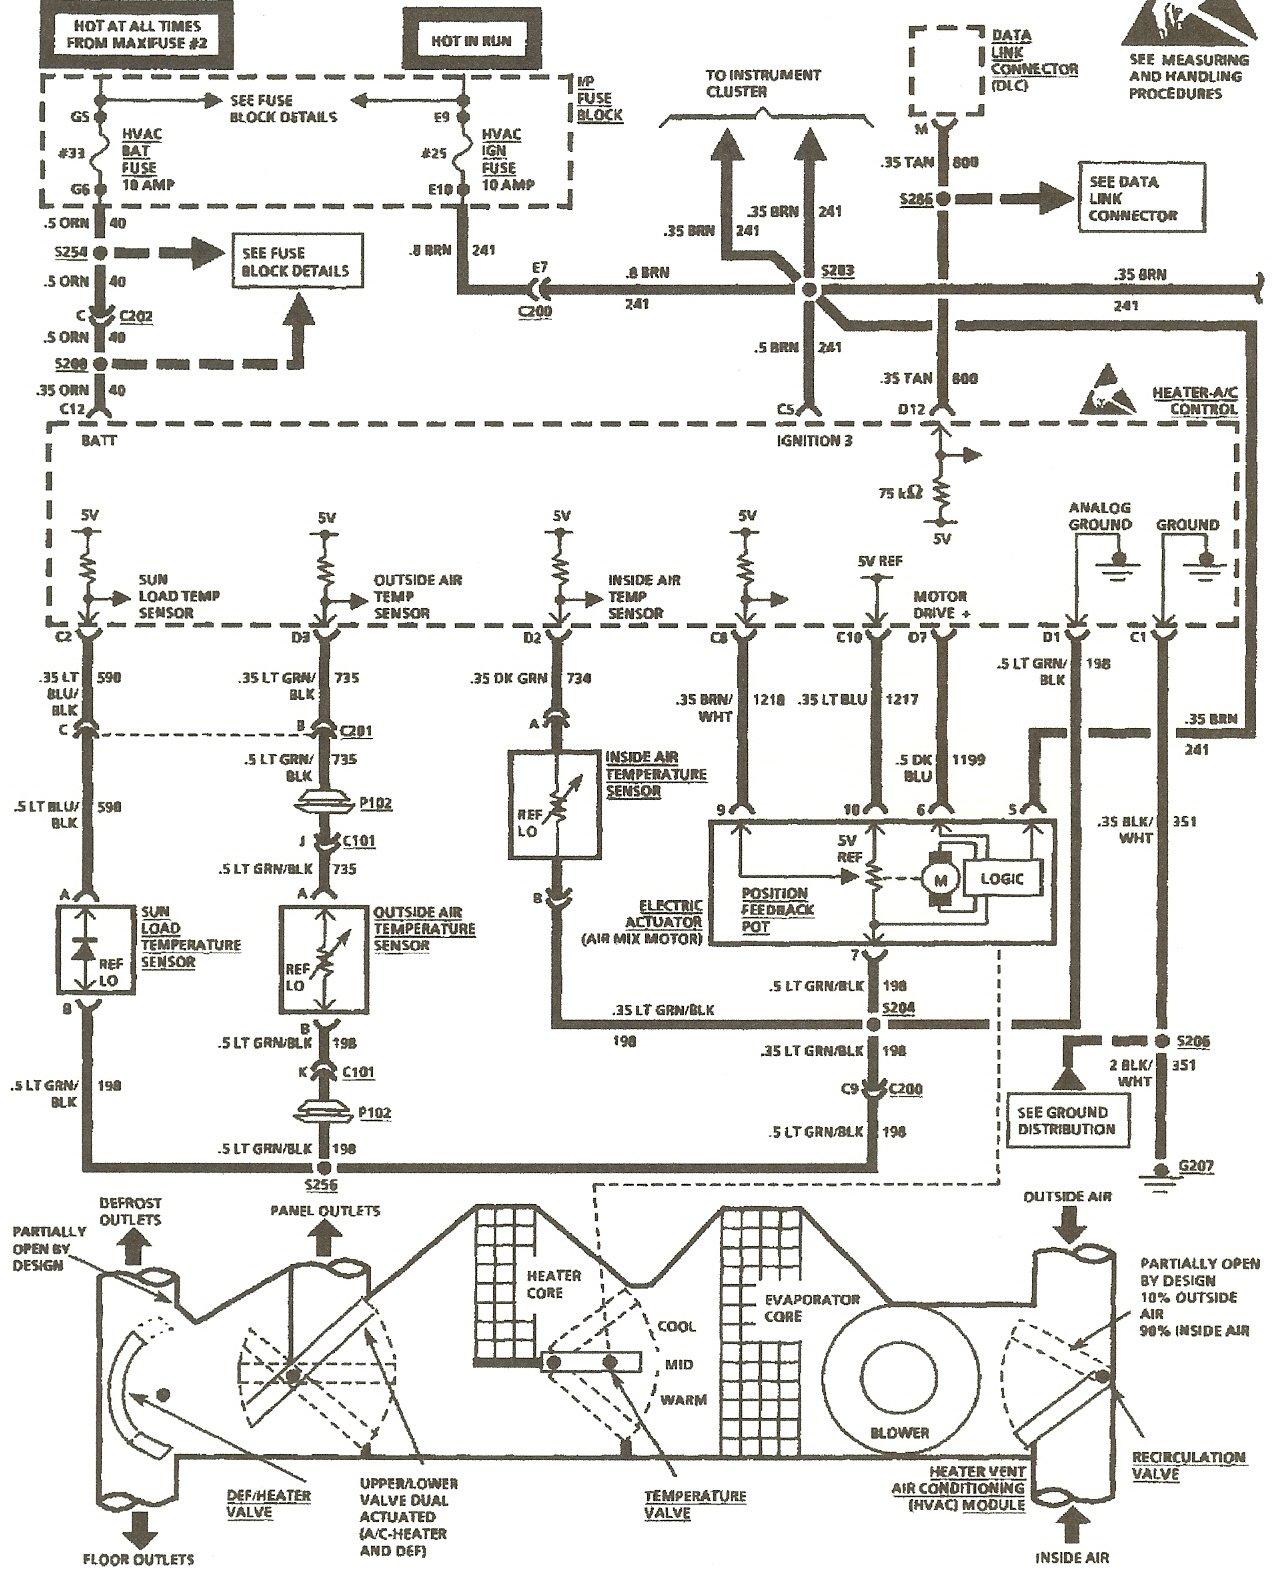 DIAGRAM] 1968 Cadillac Ac Wiring Diagram FULL Version HD Quality Wiring  Diagram - STRUCTUREDWIREENCLOSURE.RAPFRANCE.FR structuredwireenclosure.rapfrance.fr